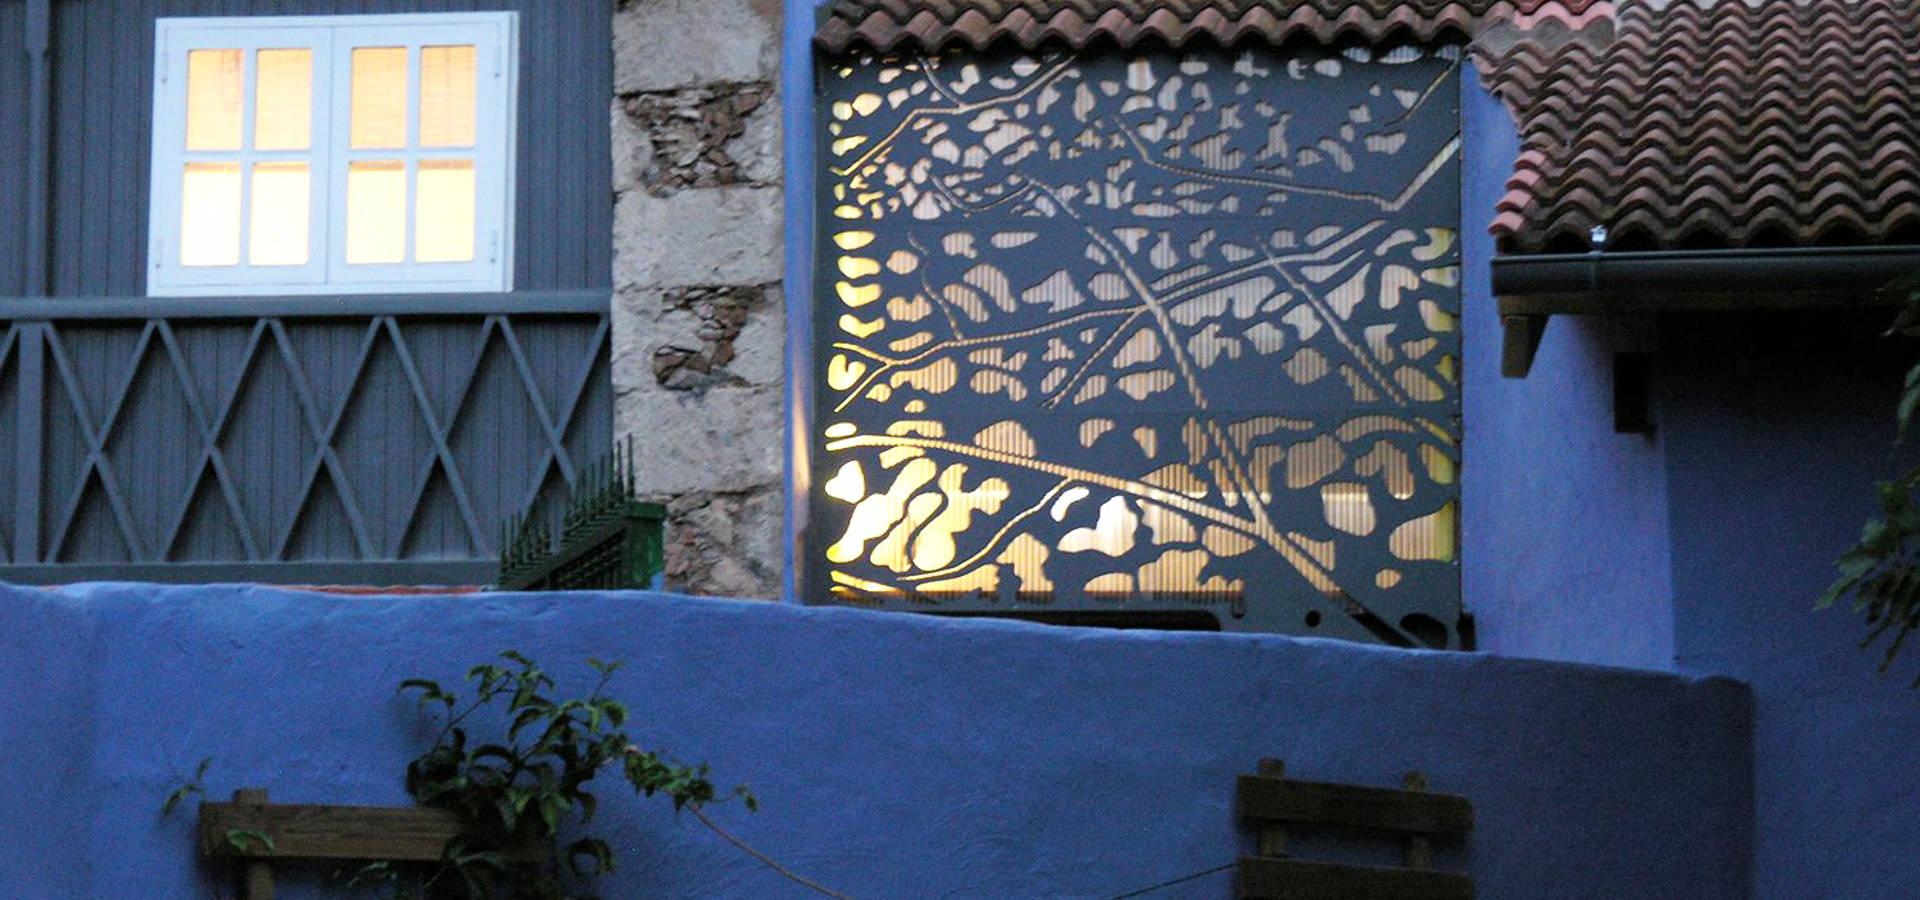 DSol Studio de Arquitectura + Arte